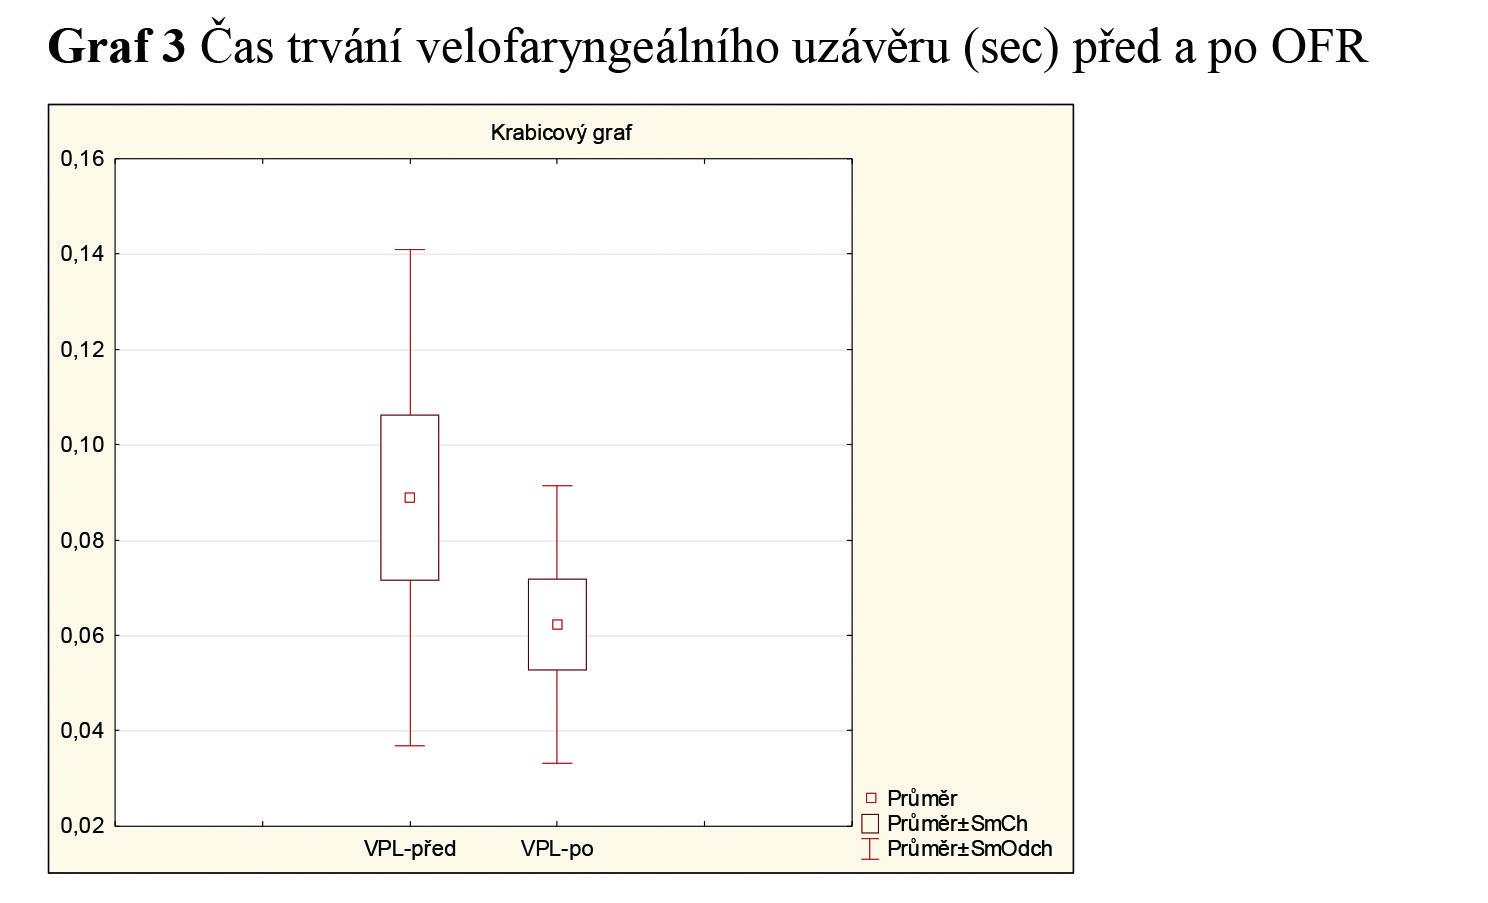 Čas trvání velofaryngeálního uzávěru (sec) před a po OFR.